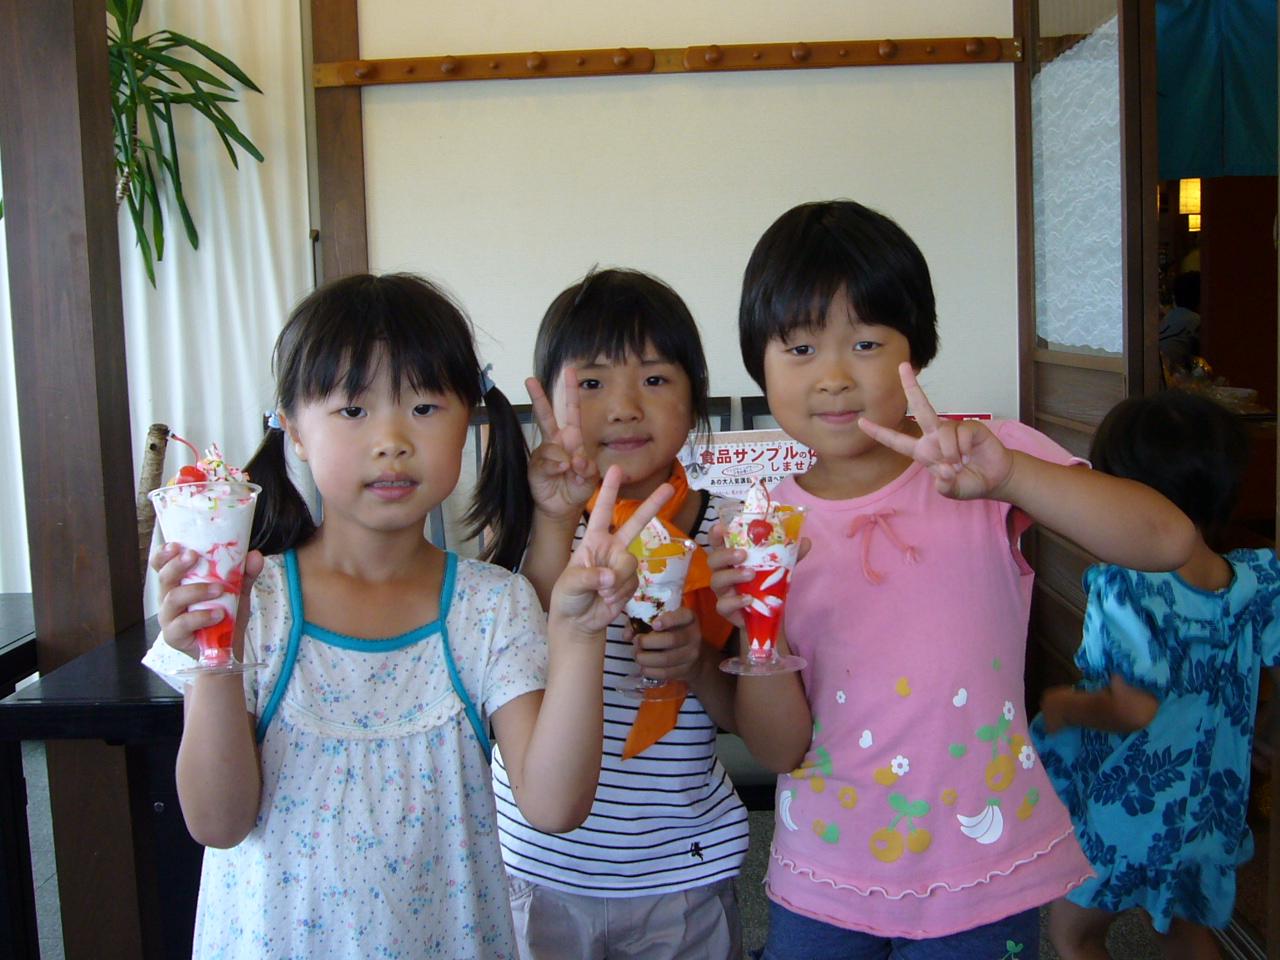 真夏の楽しみ!!!!!!_a0116182_17295549.jpg